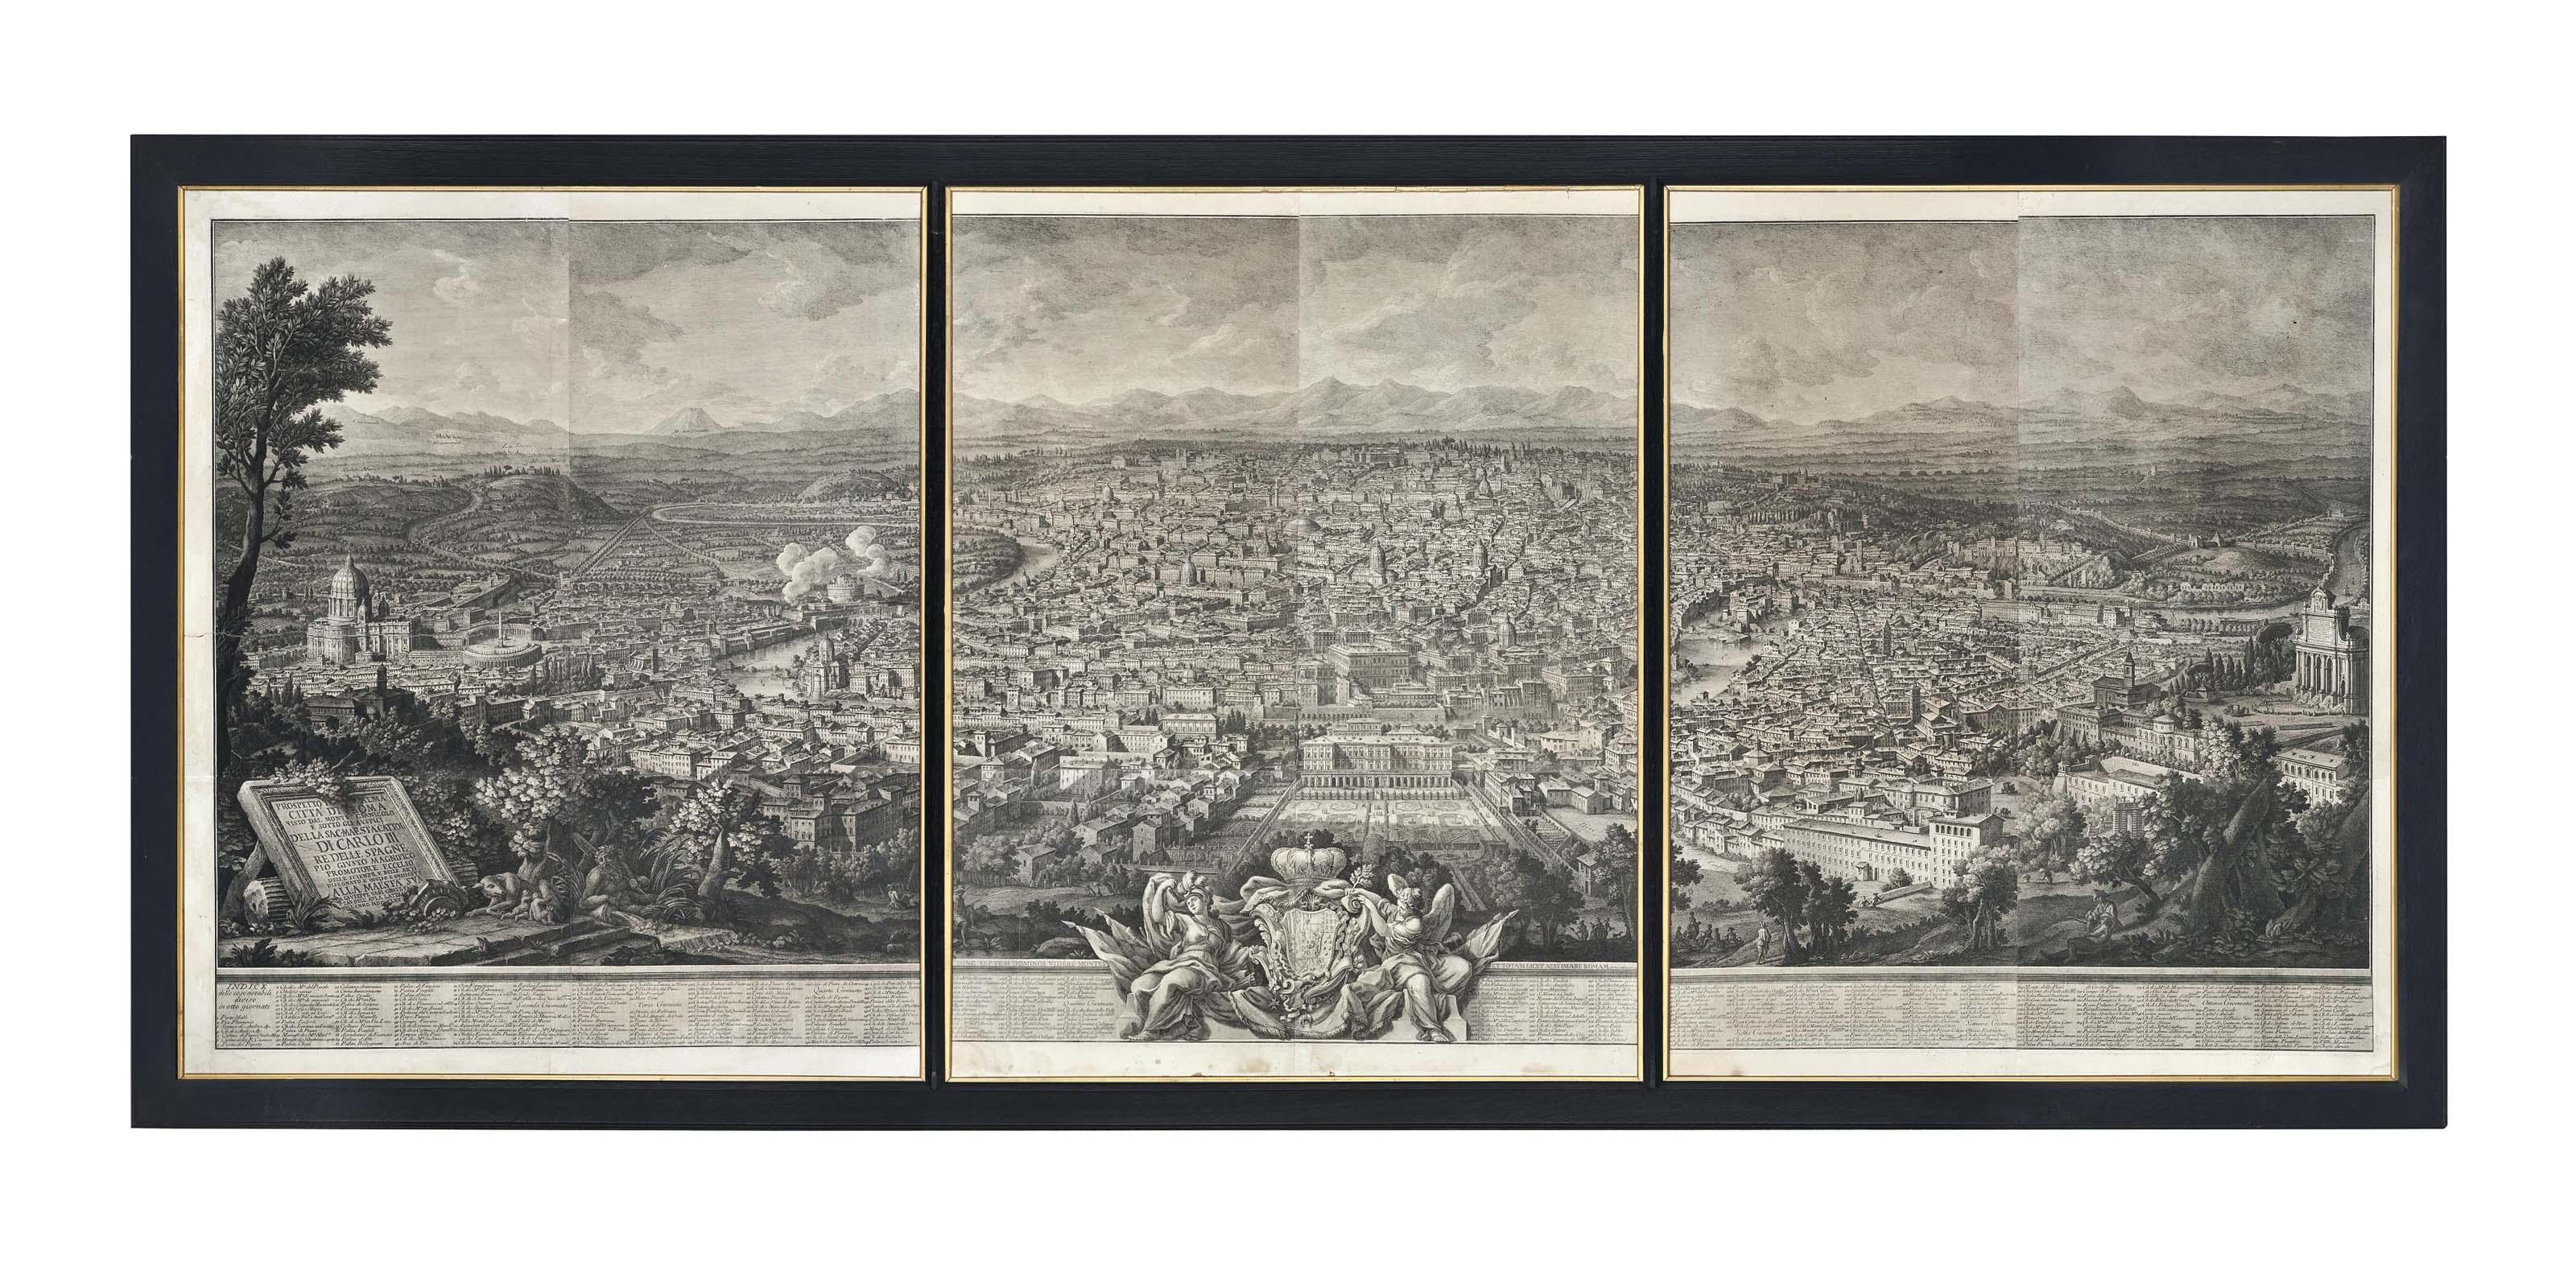 Prospetto del 'Alma Cittá di Roma visto dal Monte Gianicolo